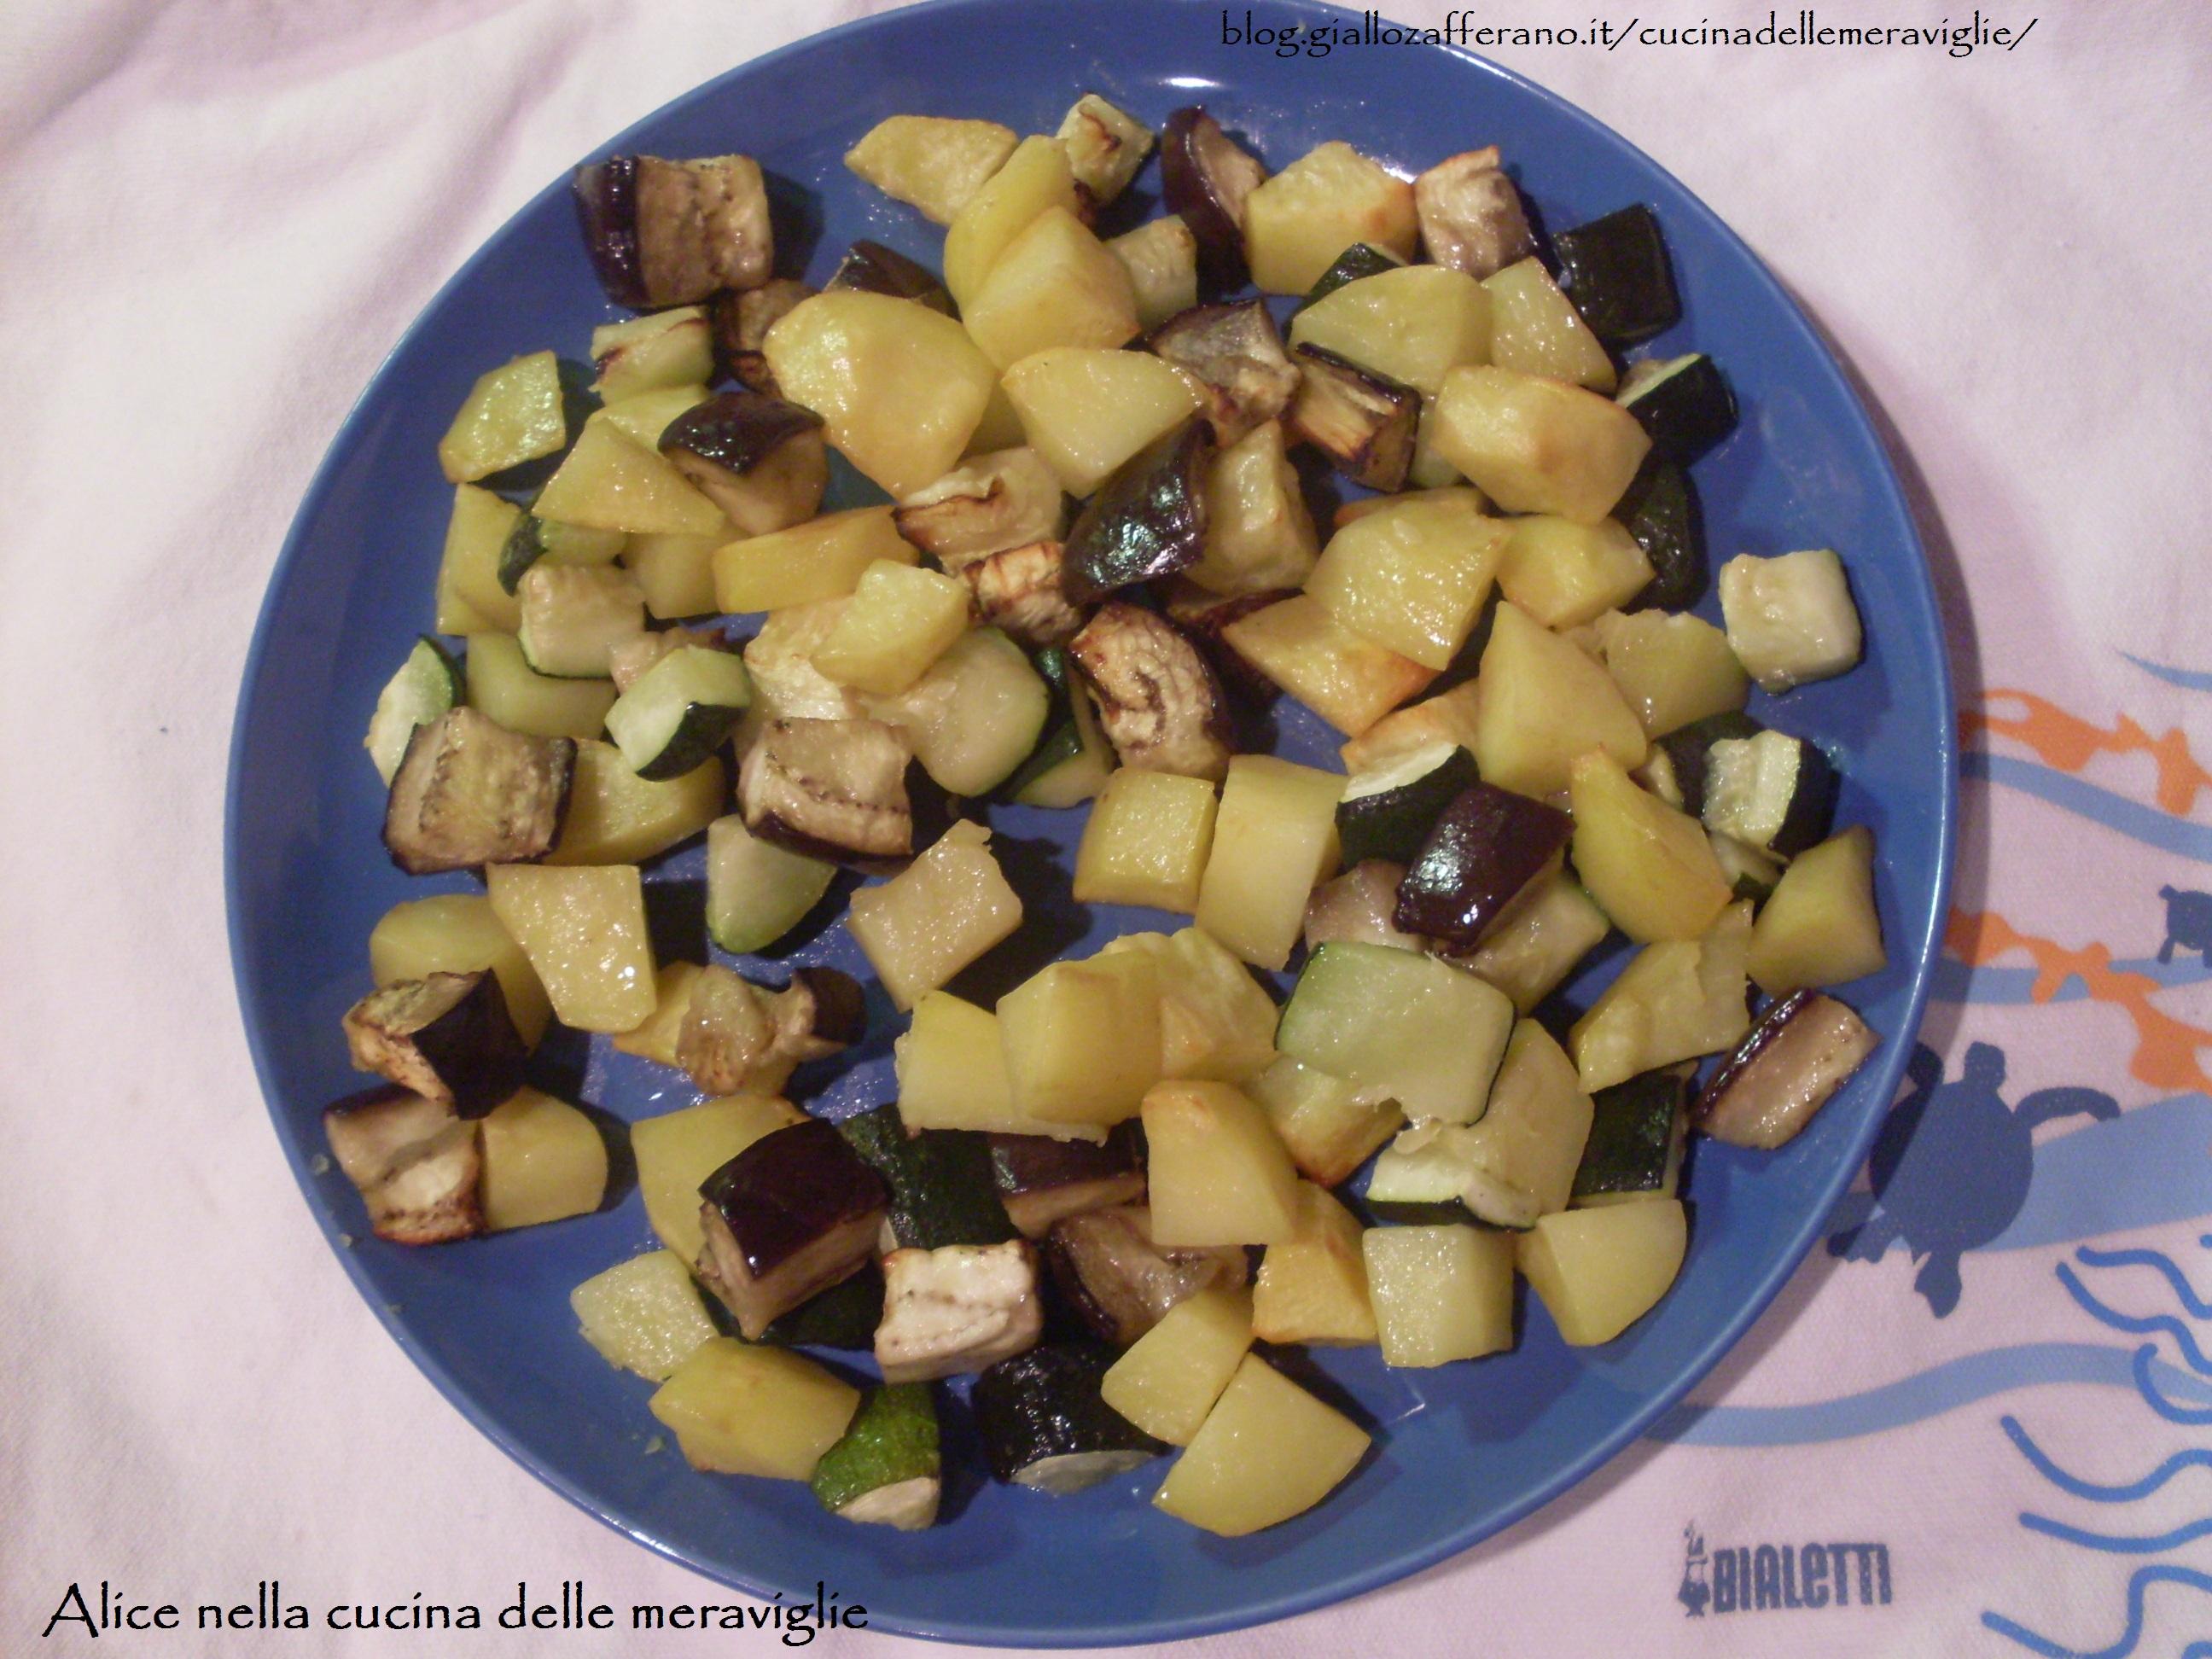 Verdure al forno ricetta vegetariana Alice nella cucina delle meraviglie